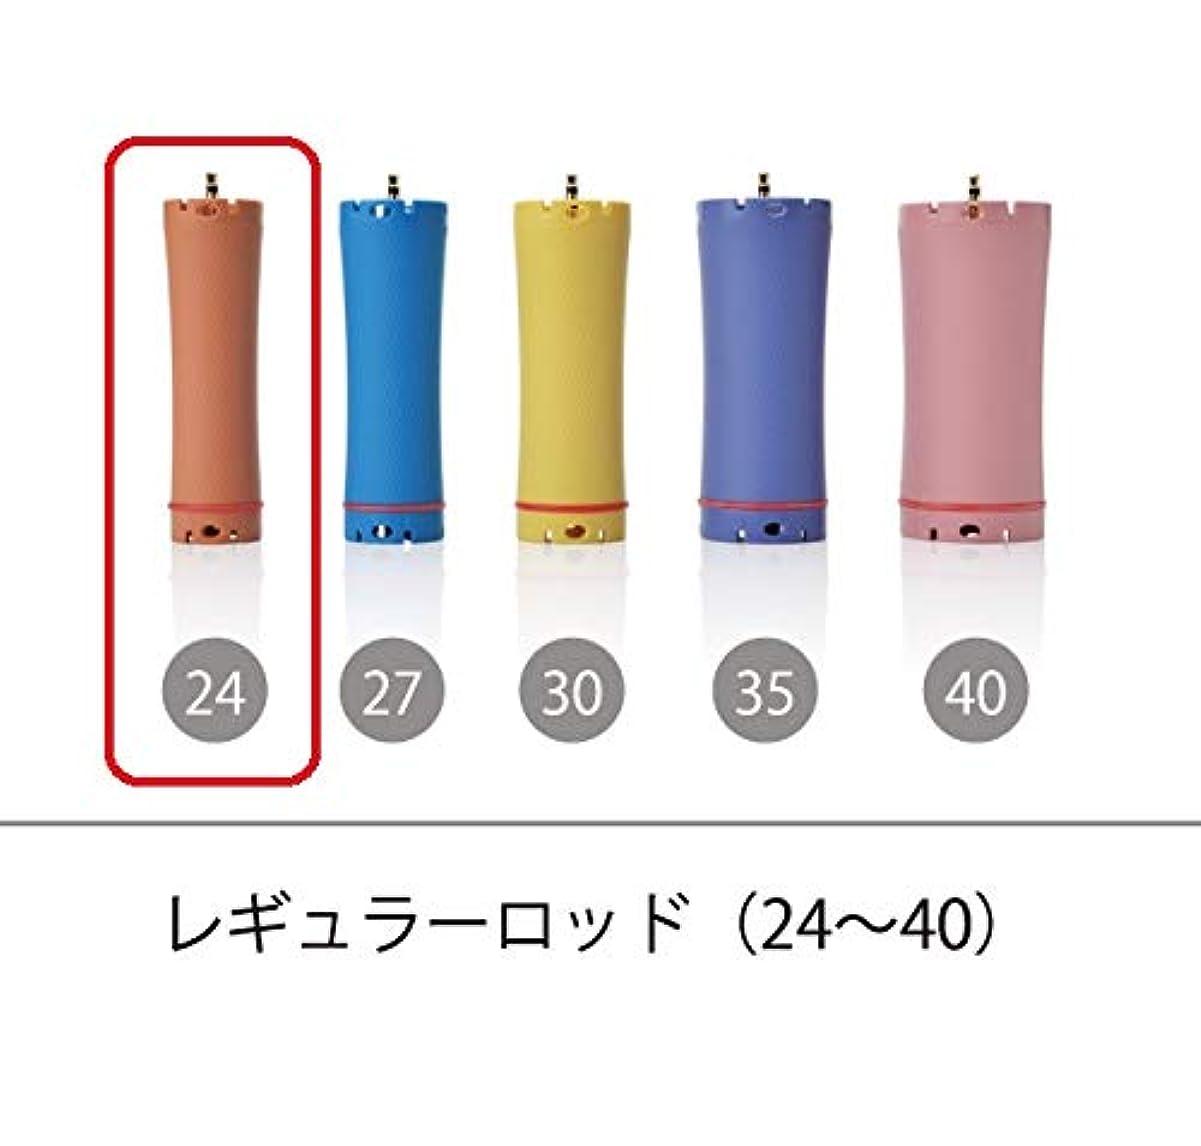 プラスチック落ち着かない図ソキウス 専用ロッド レギュラーロッド 24mm